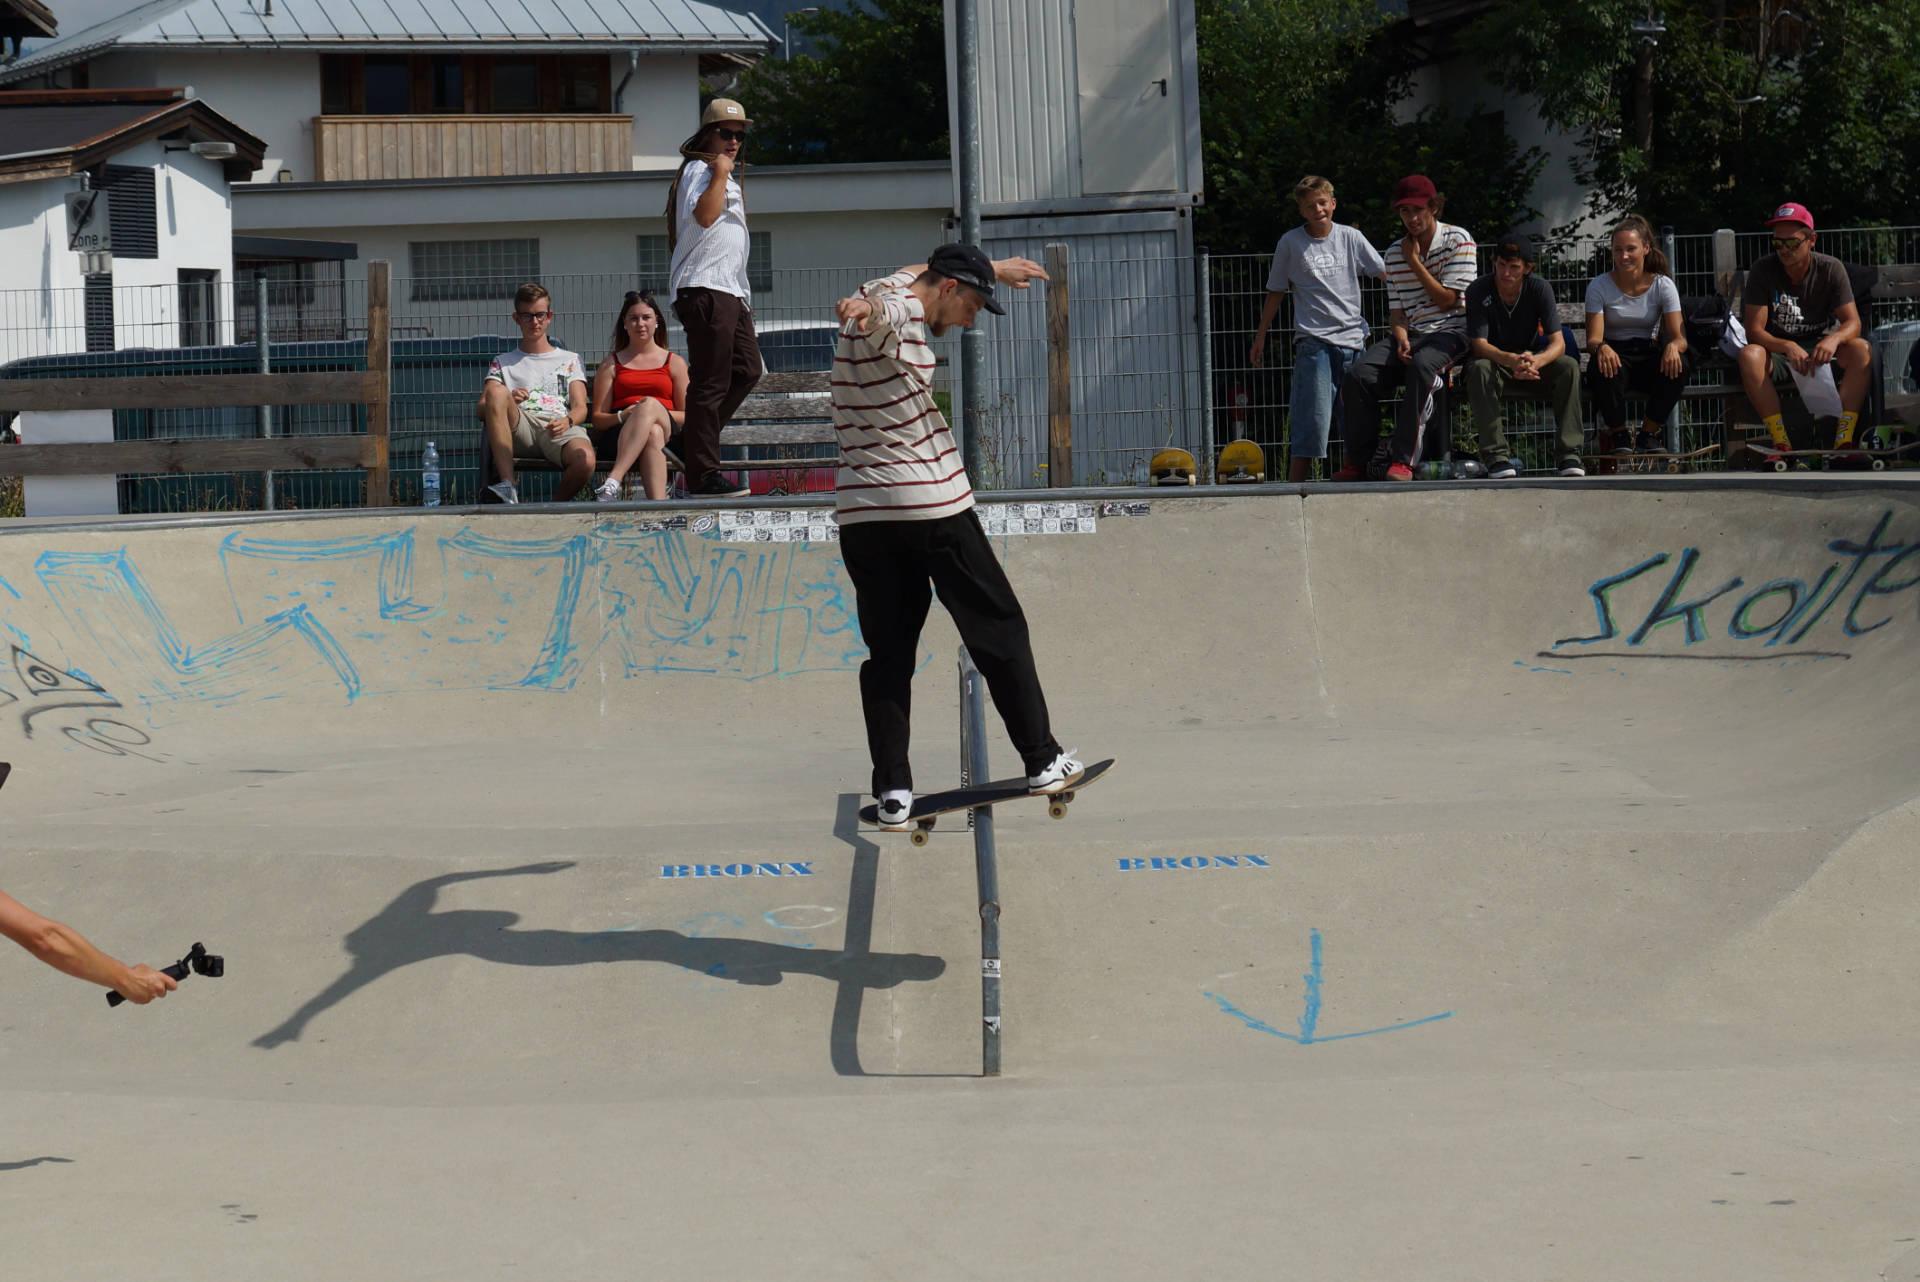 skateboardheadz st johann in tirol kgt 2019 finale 00057